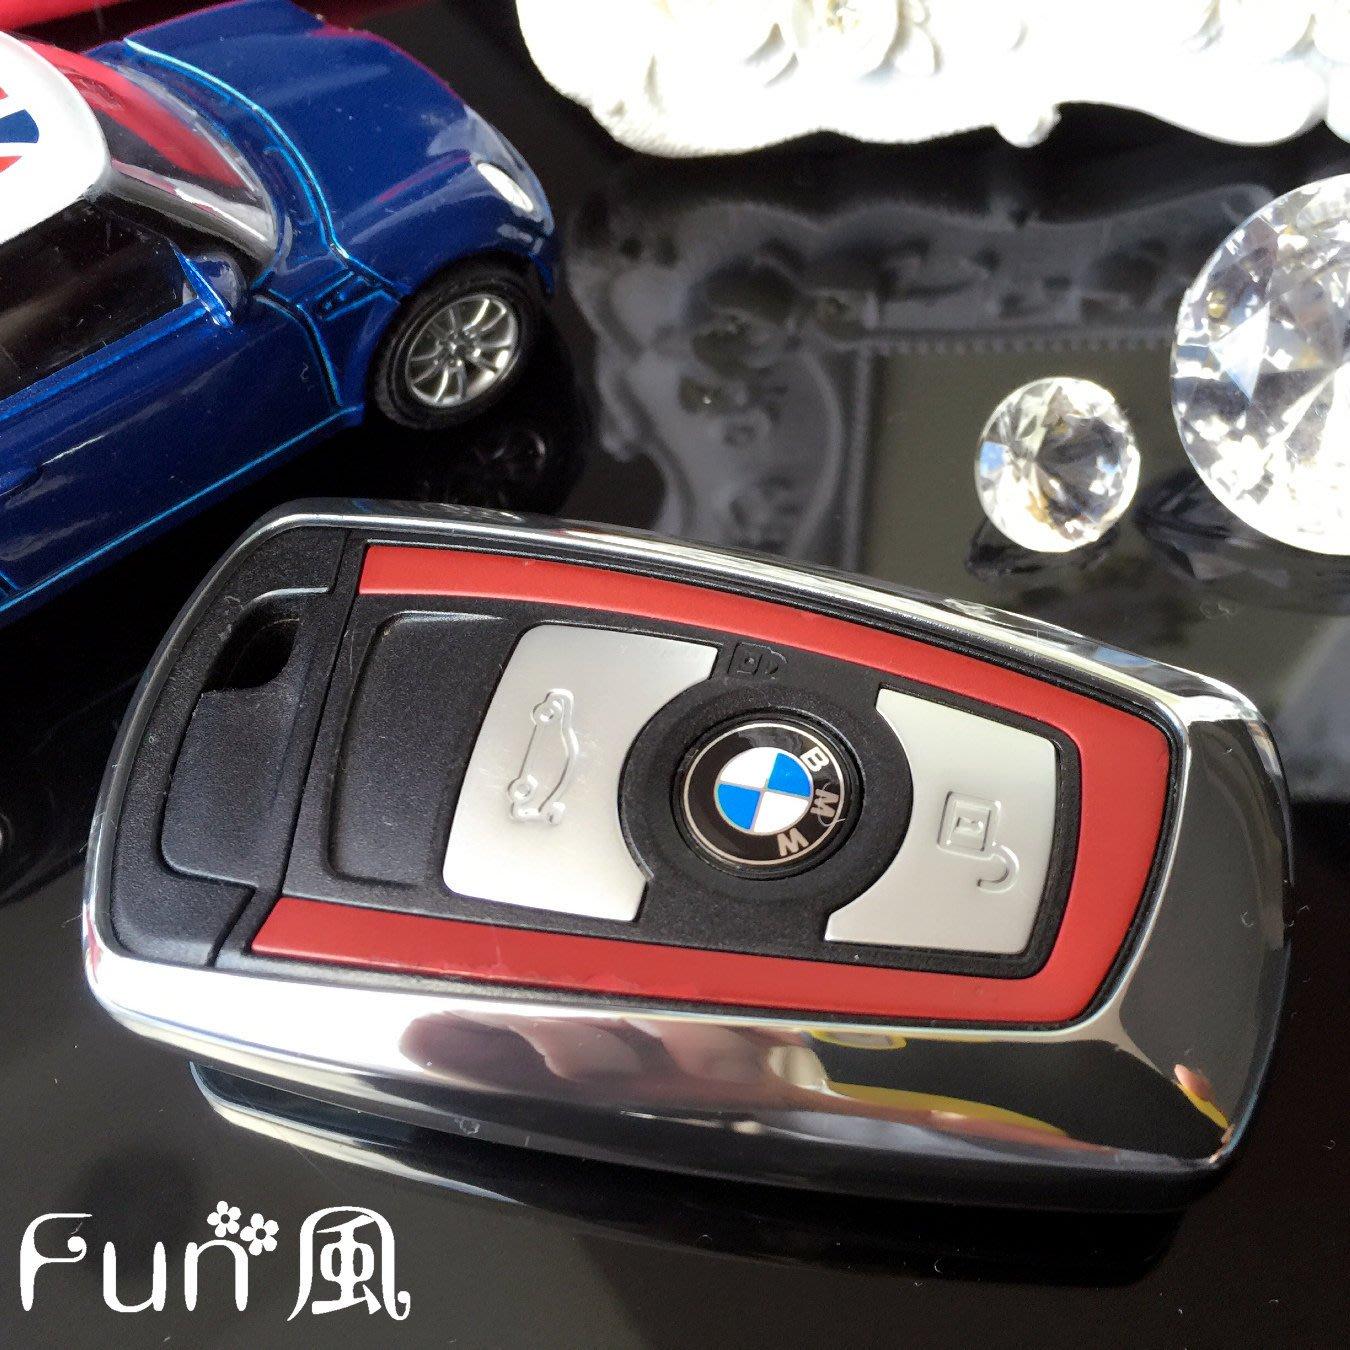 BMW寶馬鏡面鑰匙軟殼 鑰匙膠套1系2系3系5系7系X3/X4專用 促銷價單殼520元含方型掛扣整組750元~Fun